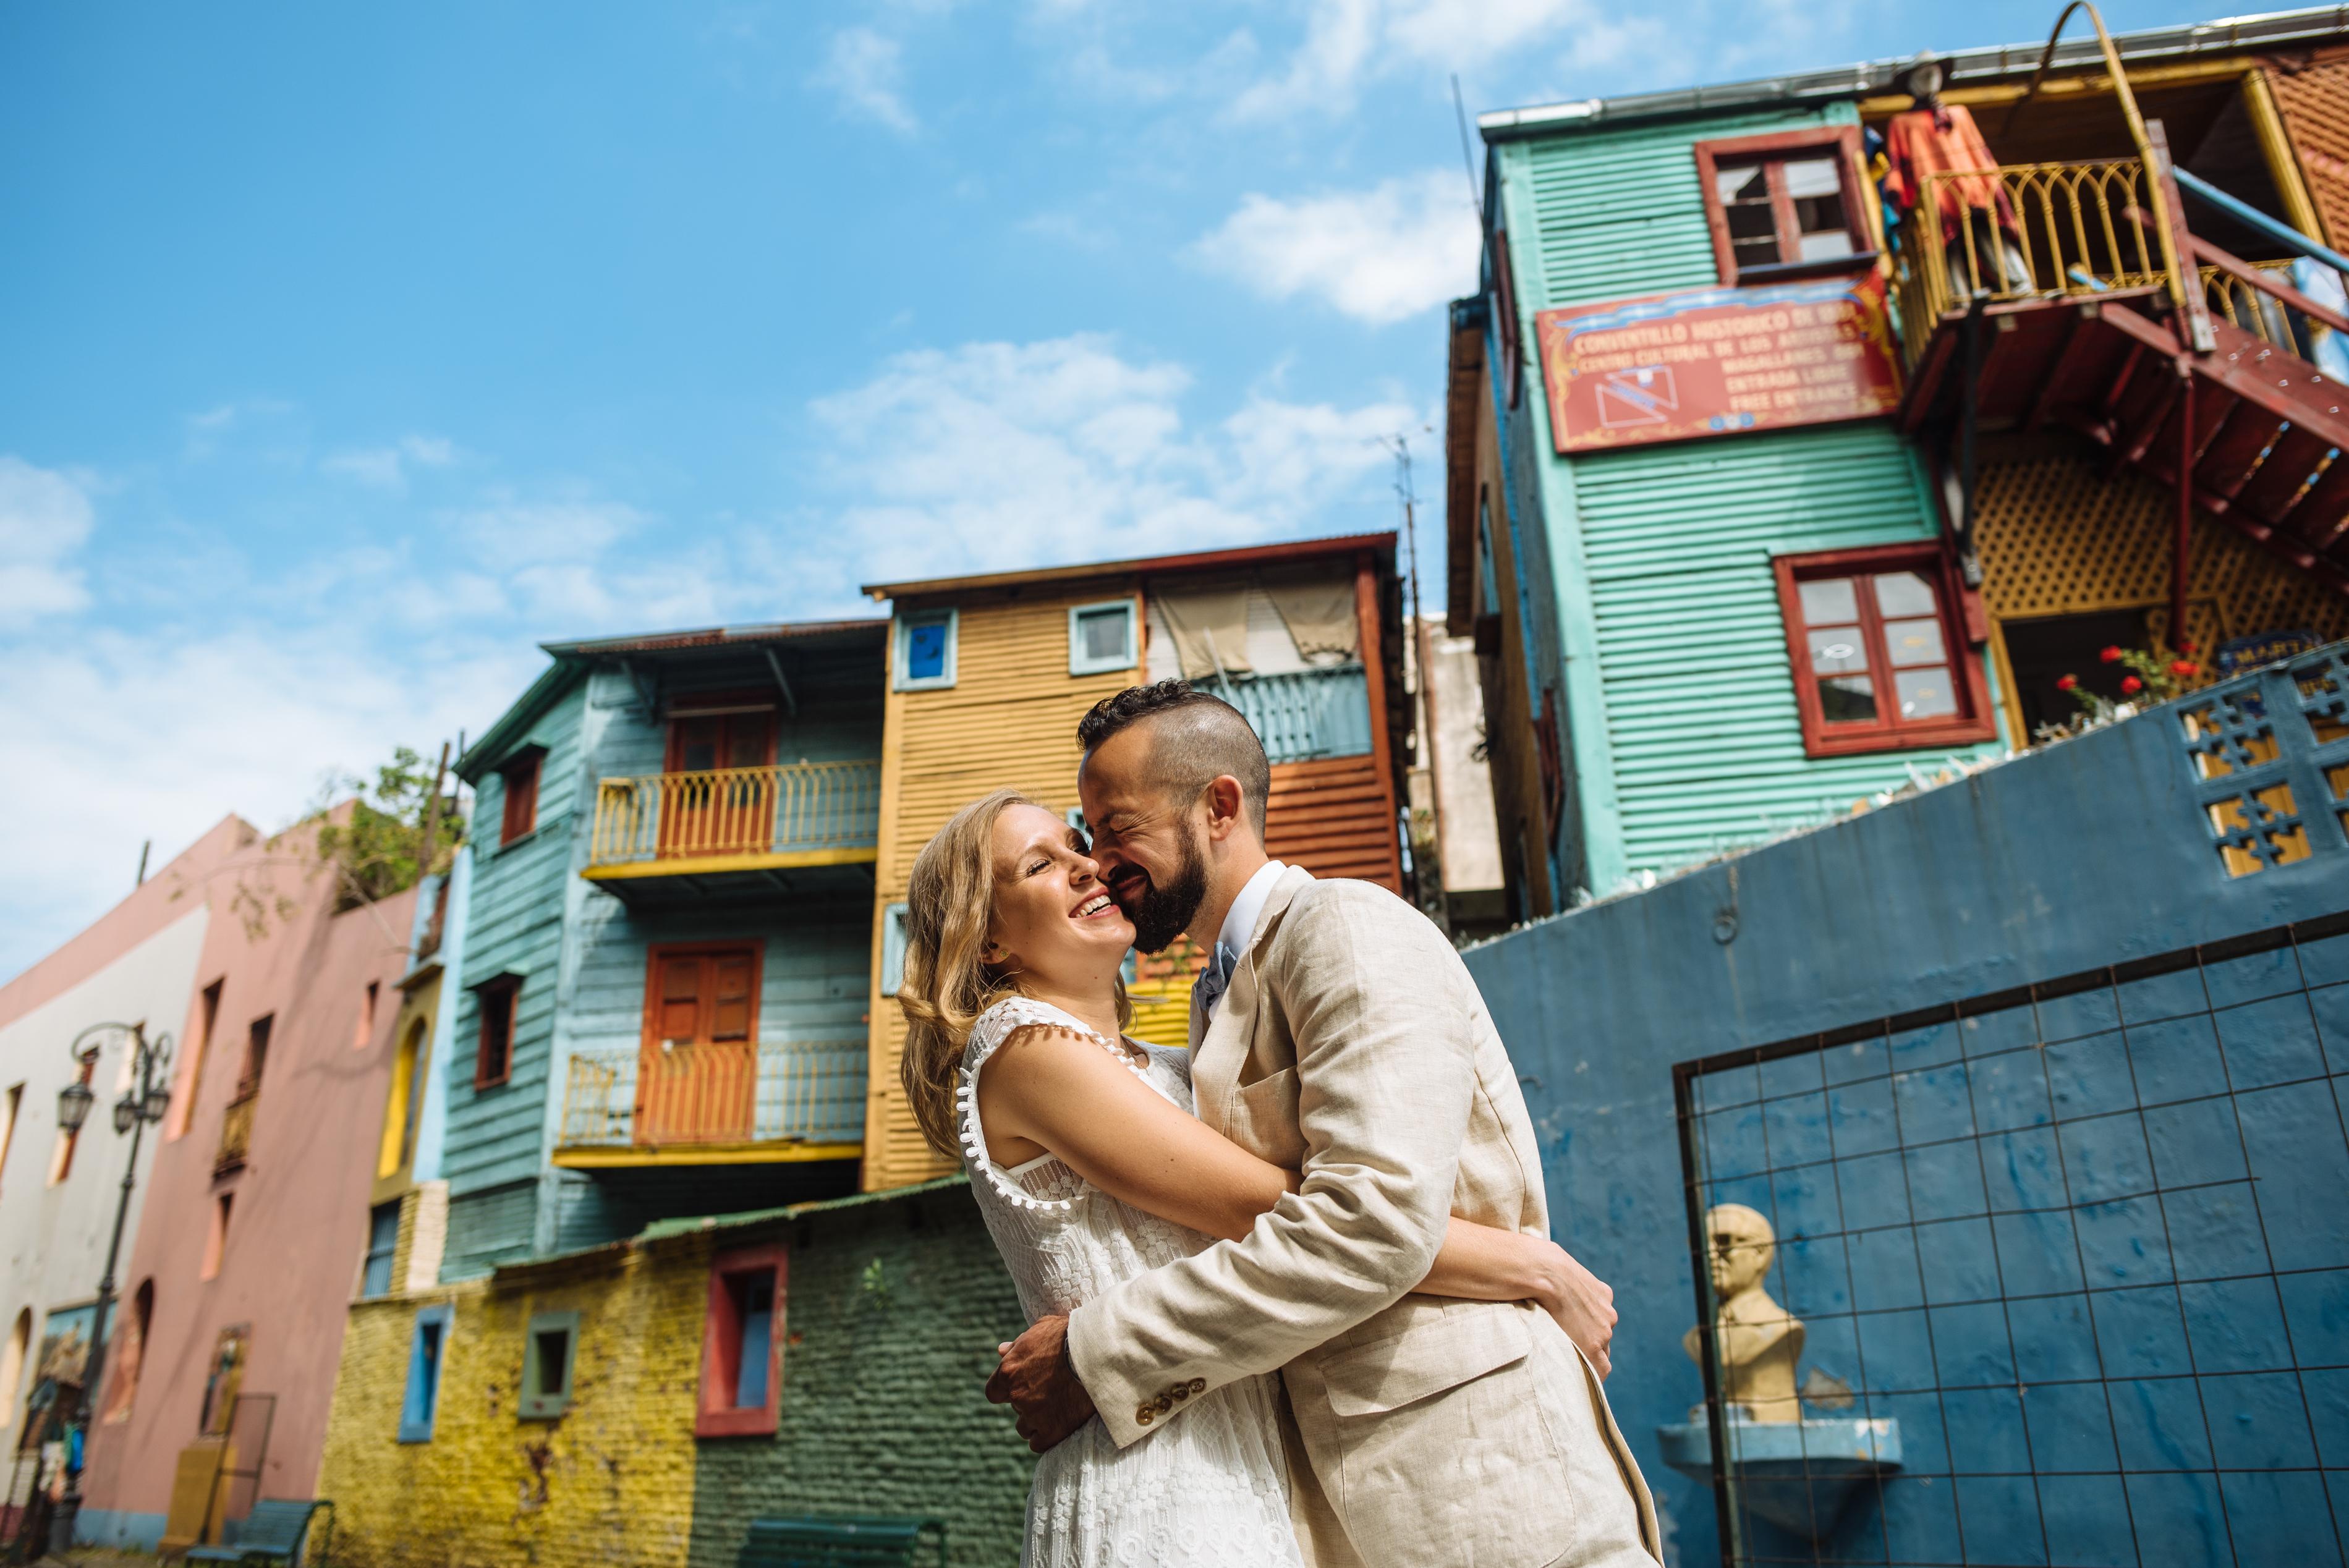 Ensaios fotográficos em Buenos Aires